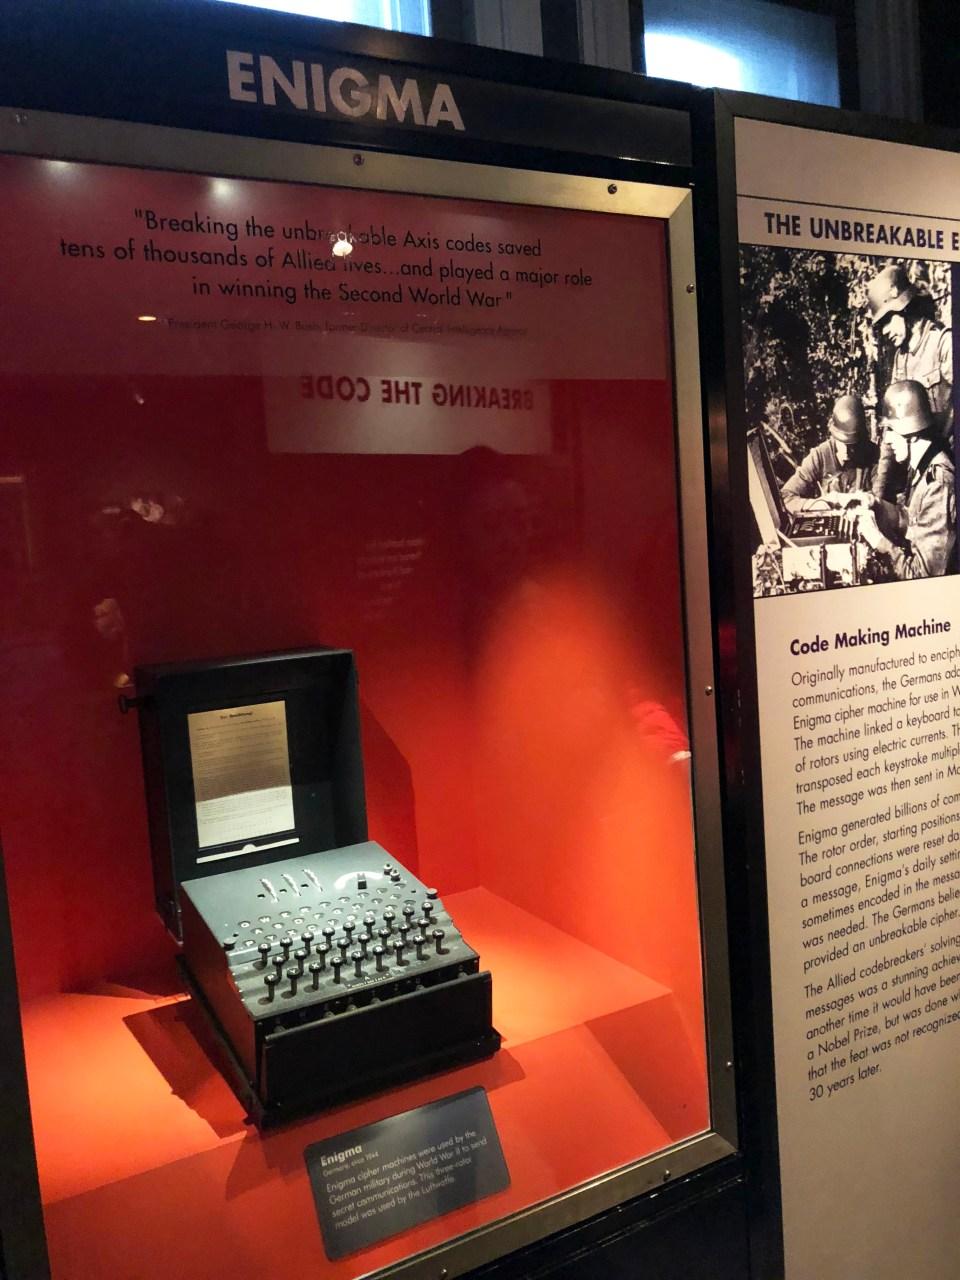 International Spy Museum - Enigma